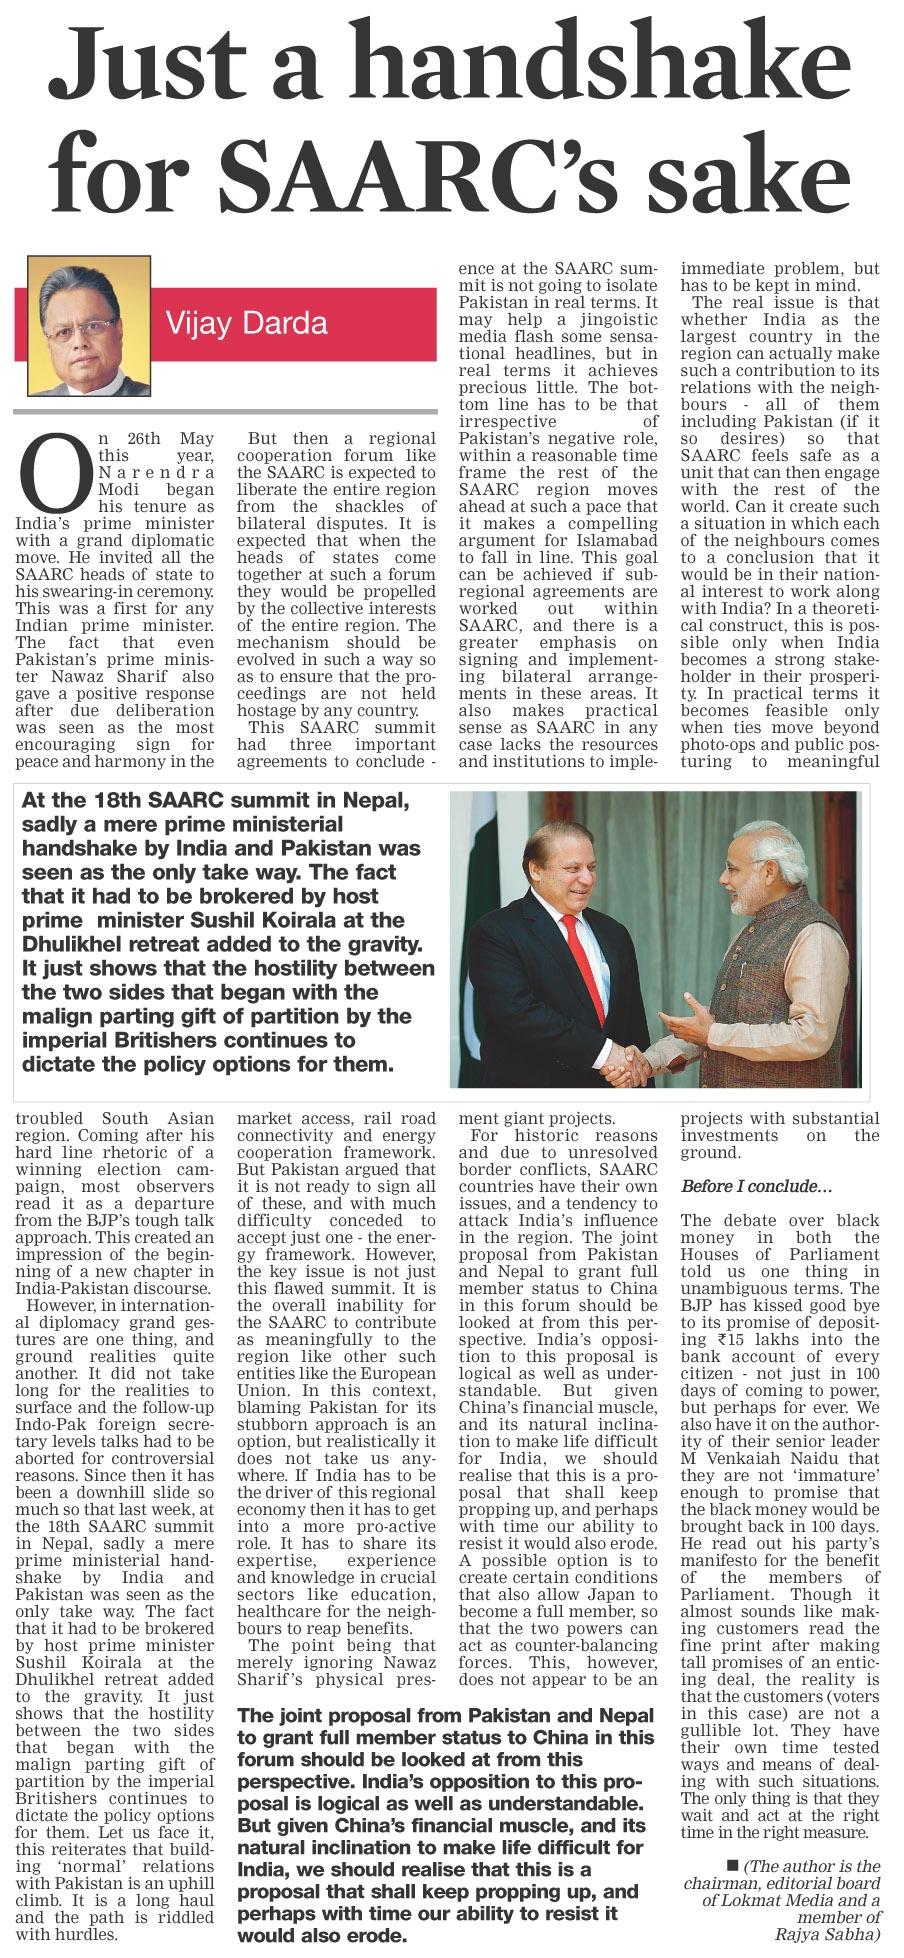 Just a handshake for SAARC's sake